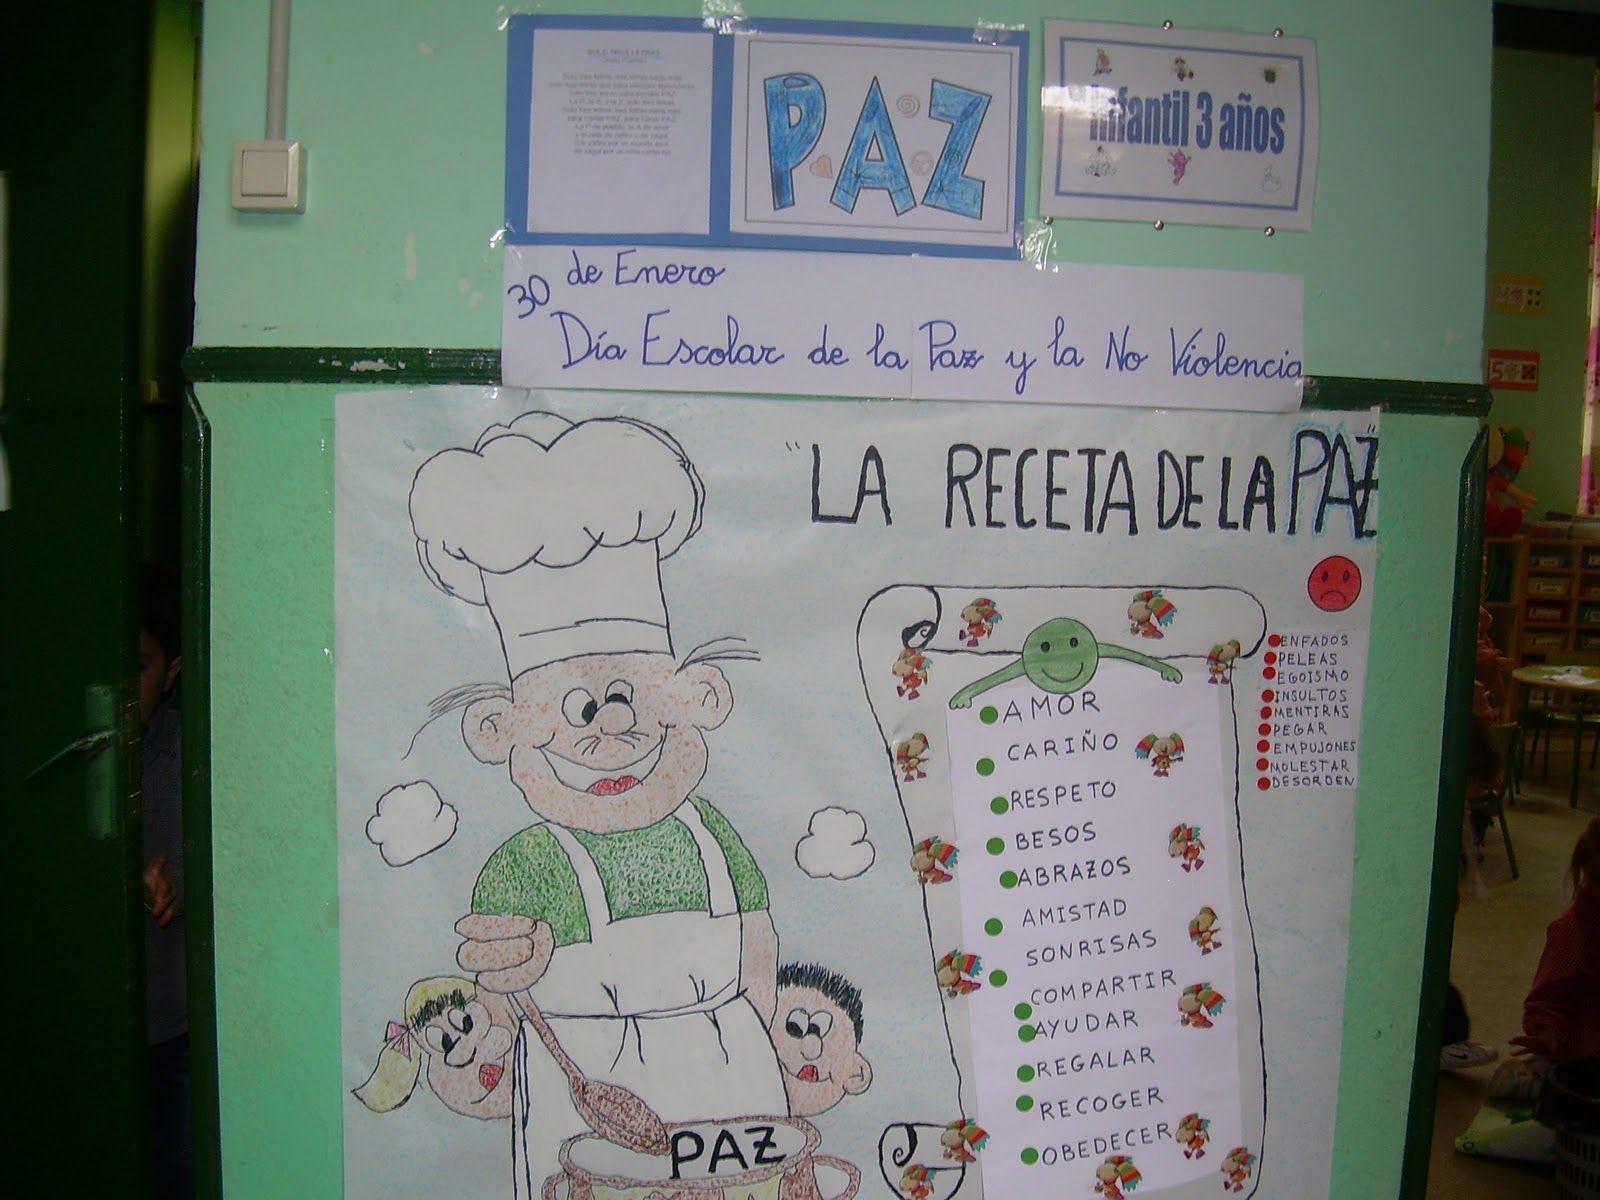 Hoy Hemos Terminado Nuestro Mural De La Receta De La Paz Lo Hemos Coloreado Con La Ayuda De Pilar Conserje Y Hemos Escri Mural De La Paz Paz Dia De La